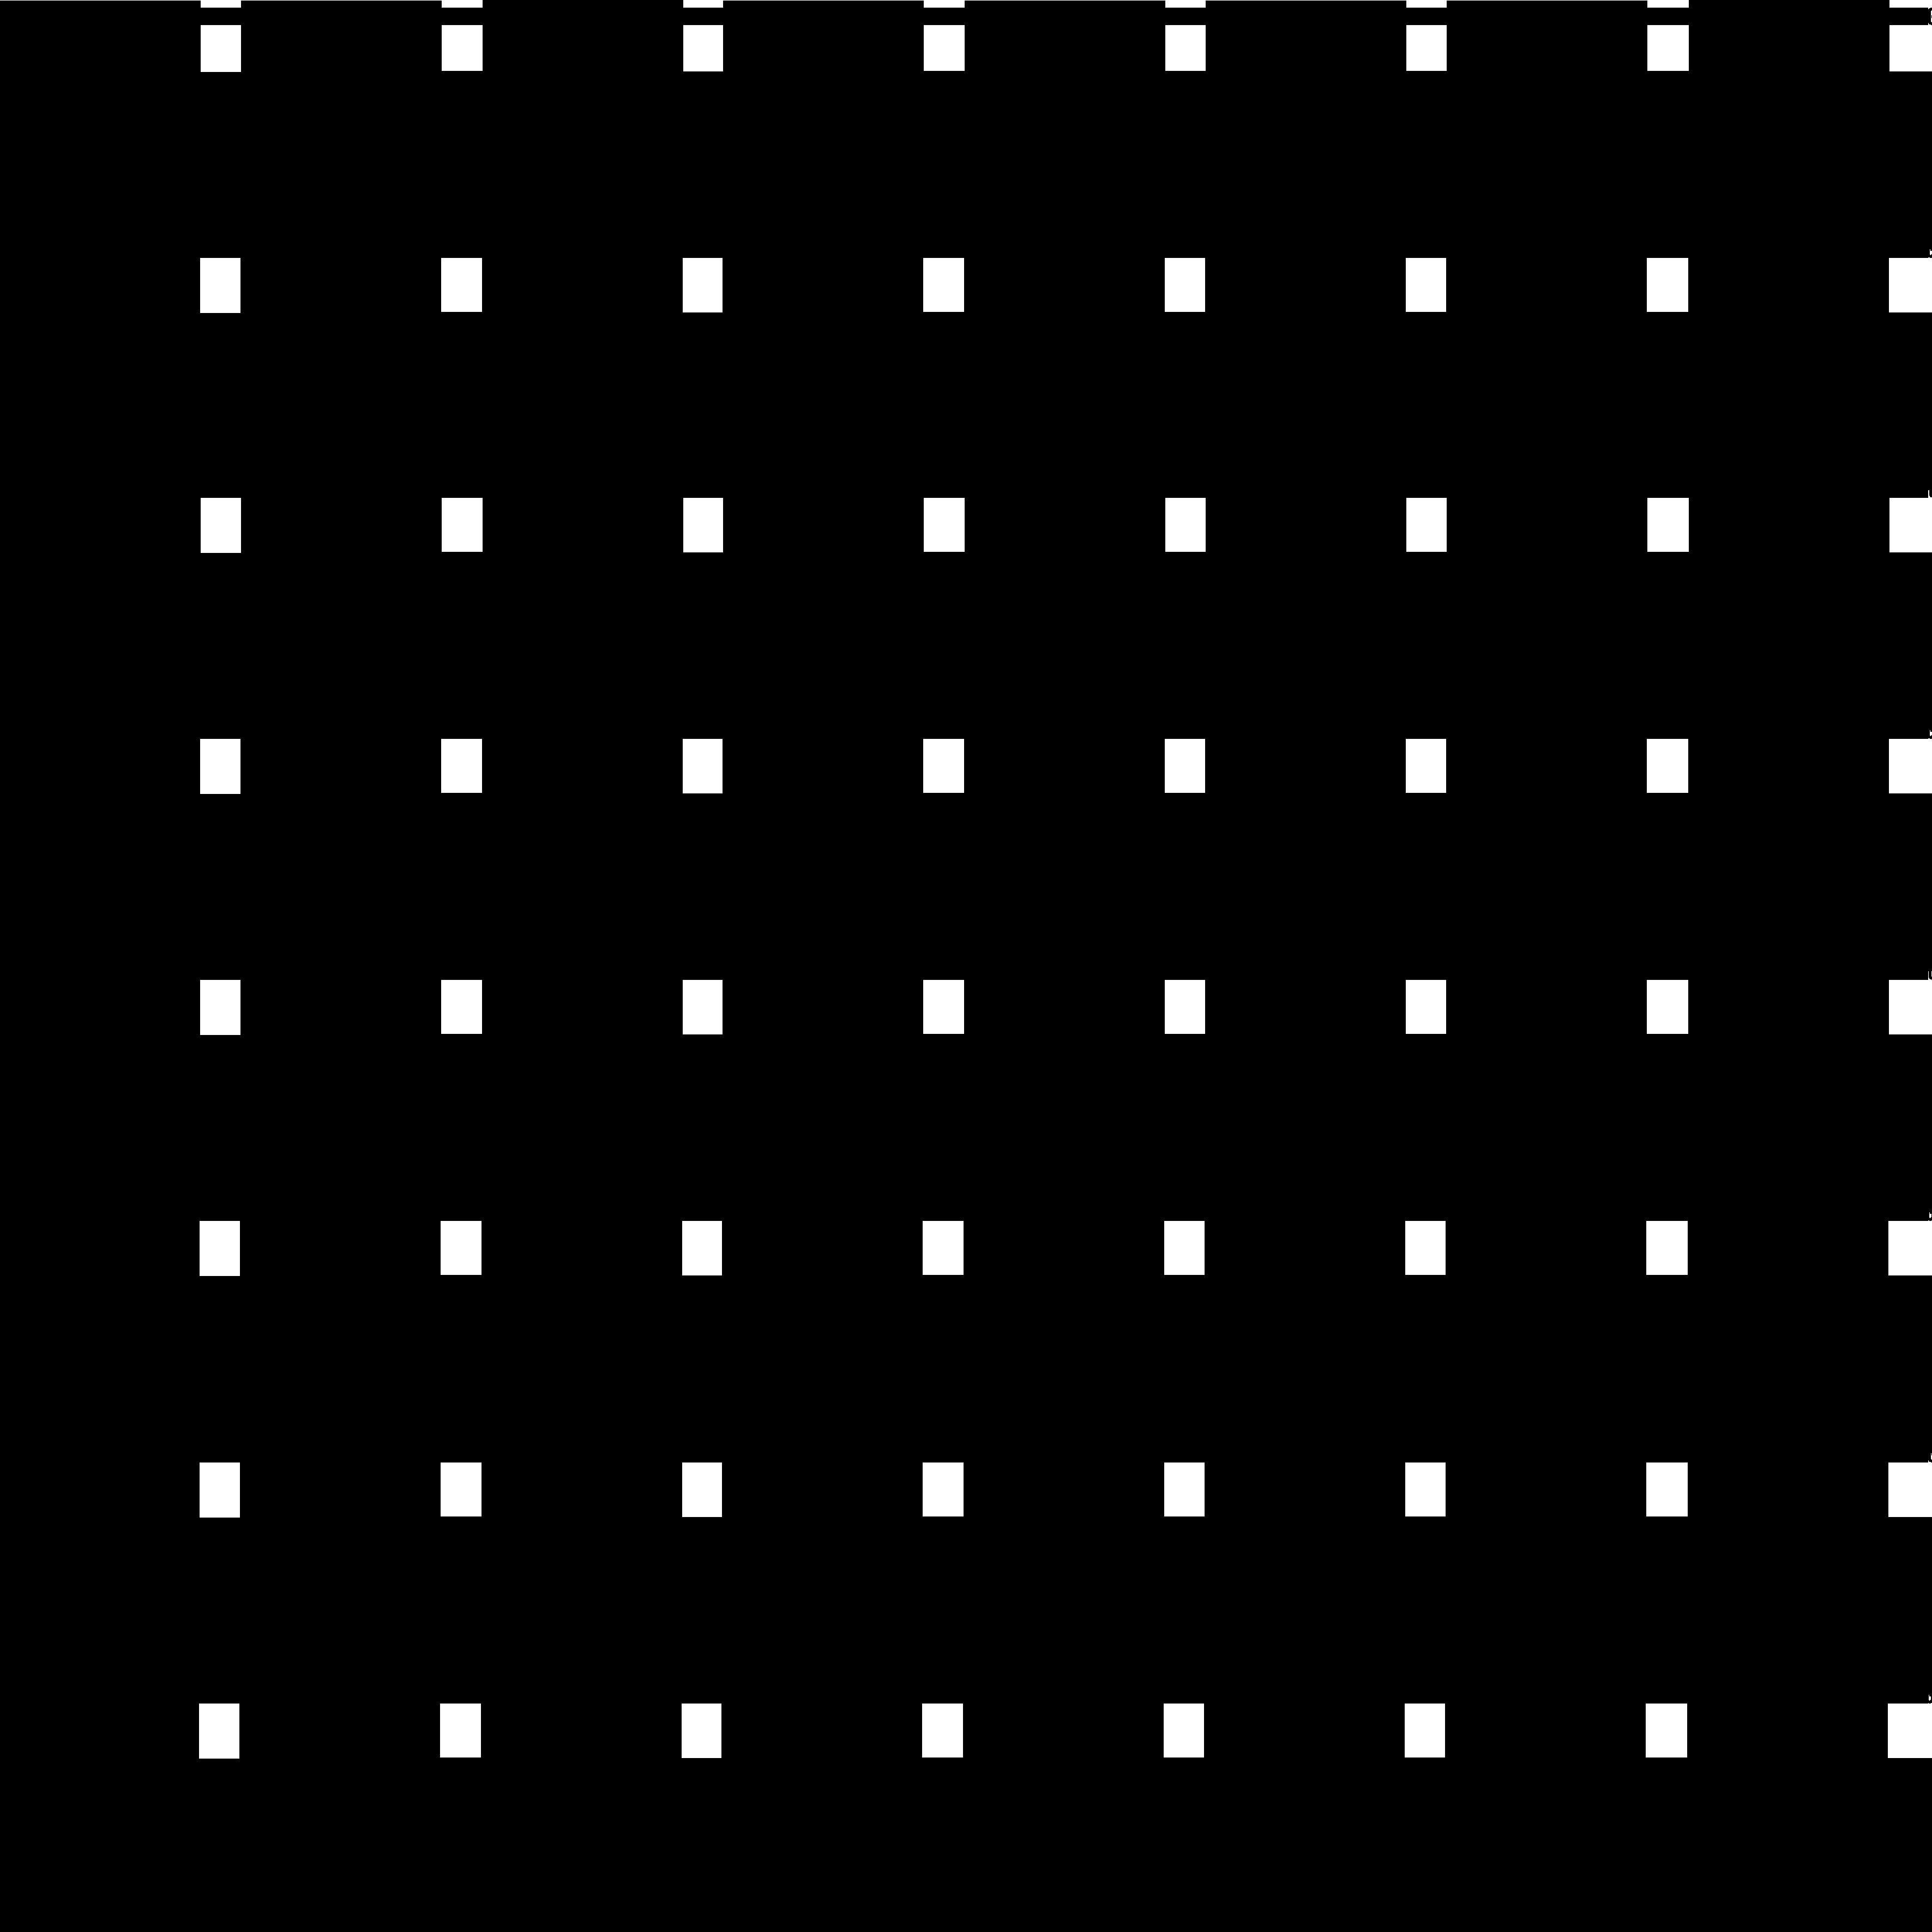 دانلود آموزش ساخت واتر مارک کامل و با کیفیت فوق العاده